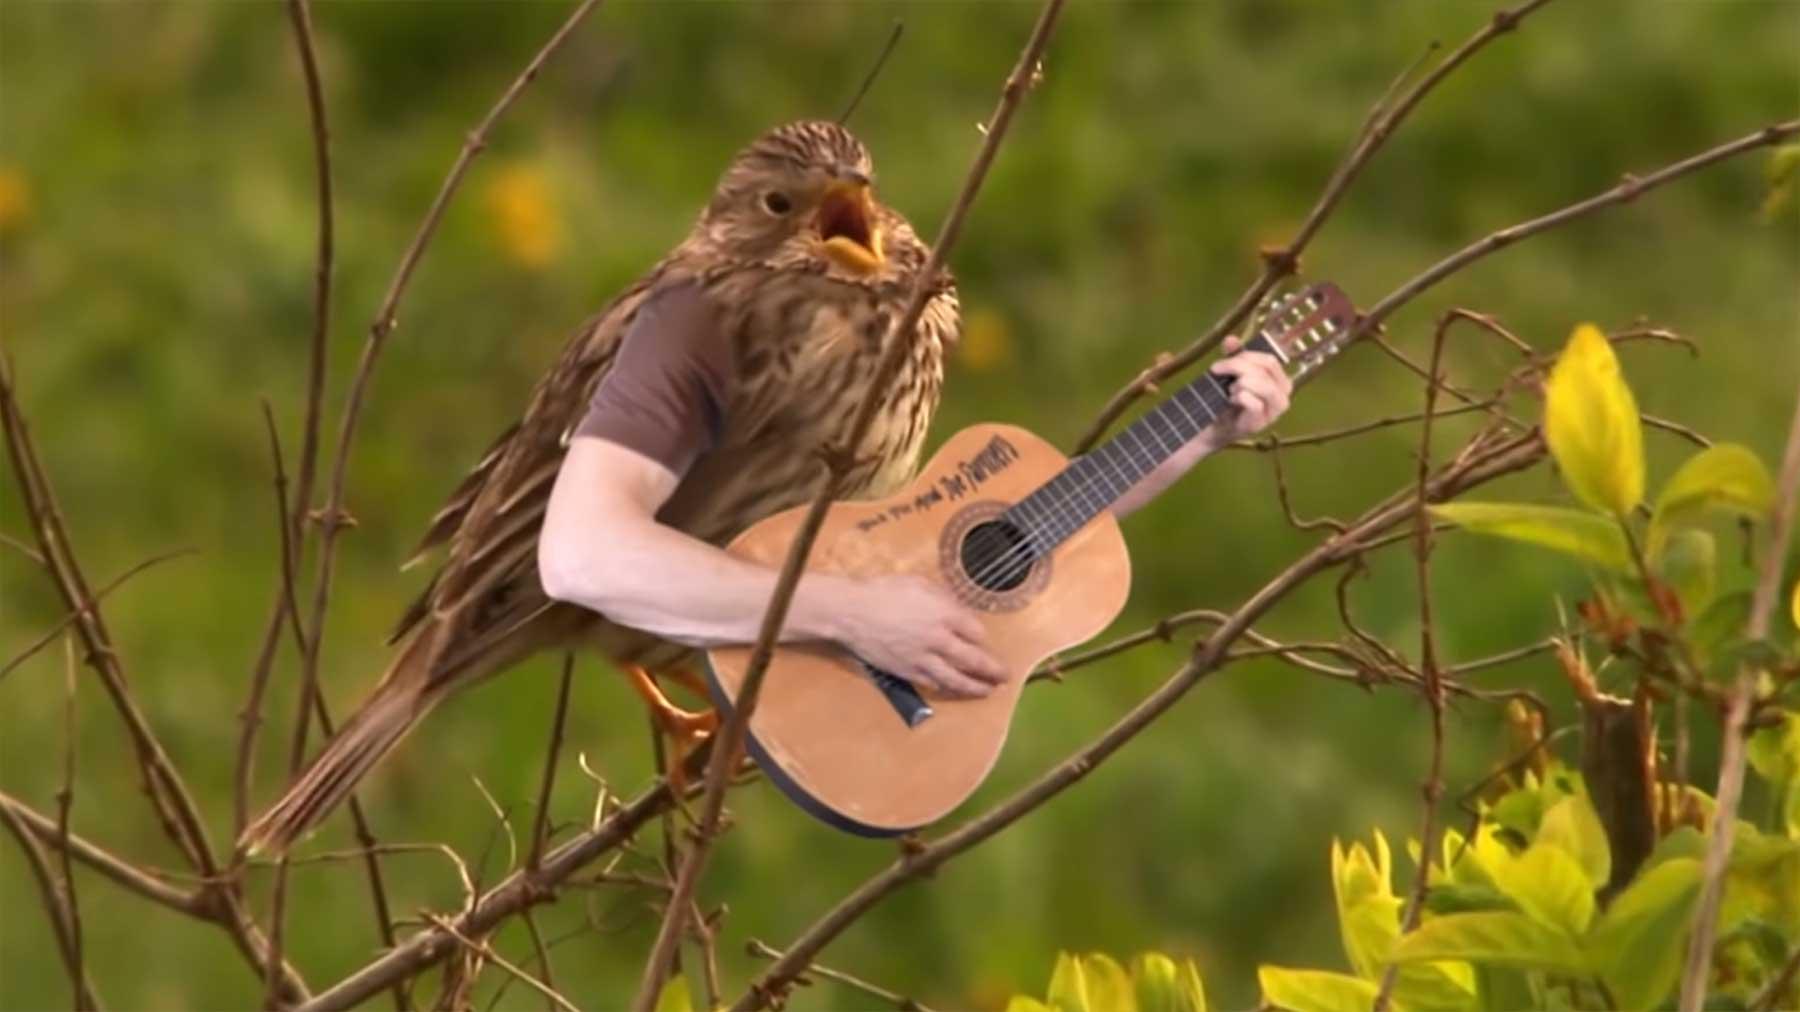 Wenn Vögel Arme hätten…